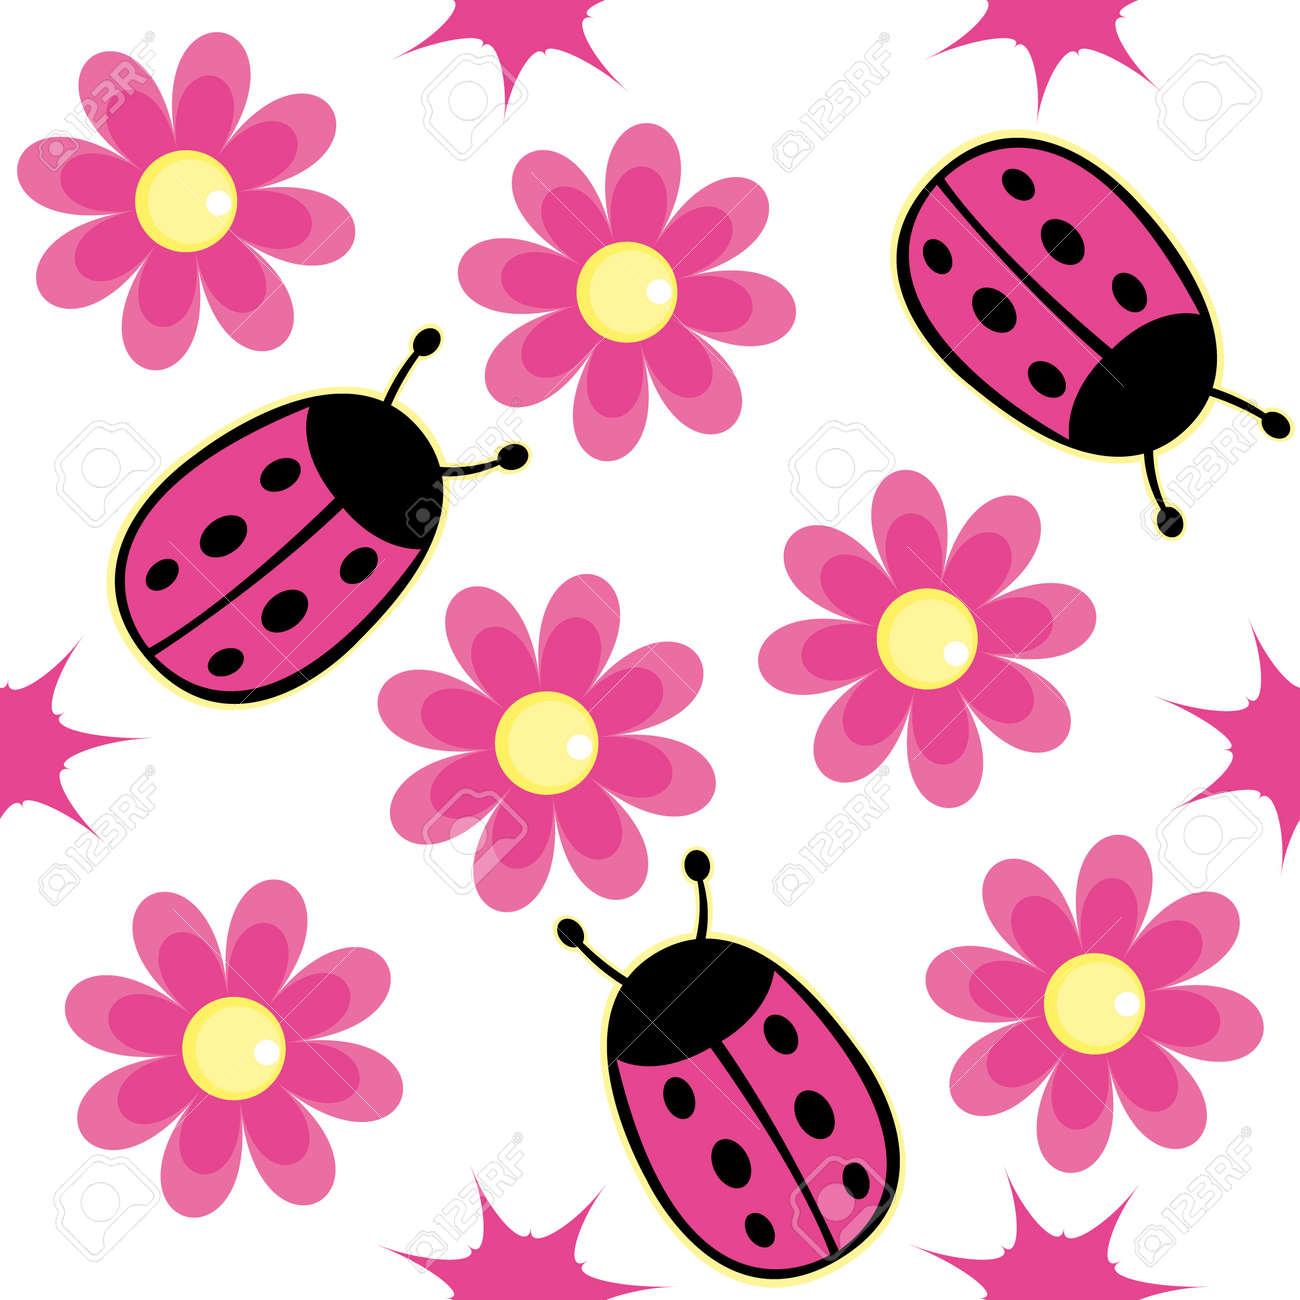 Pink Ladybug Wallpaper